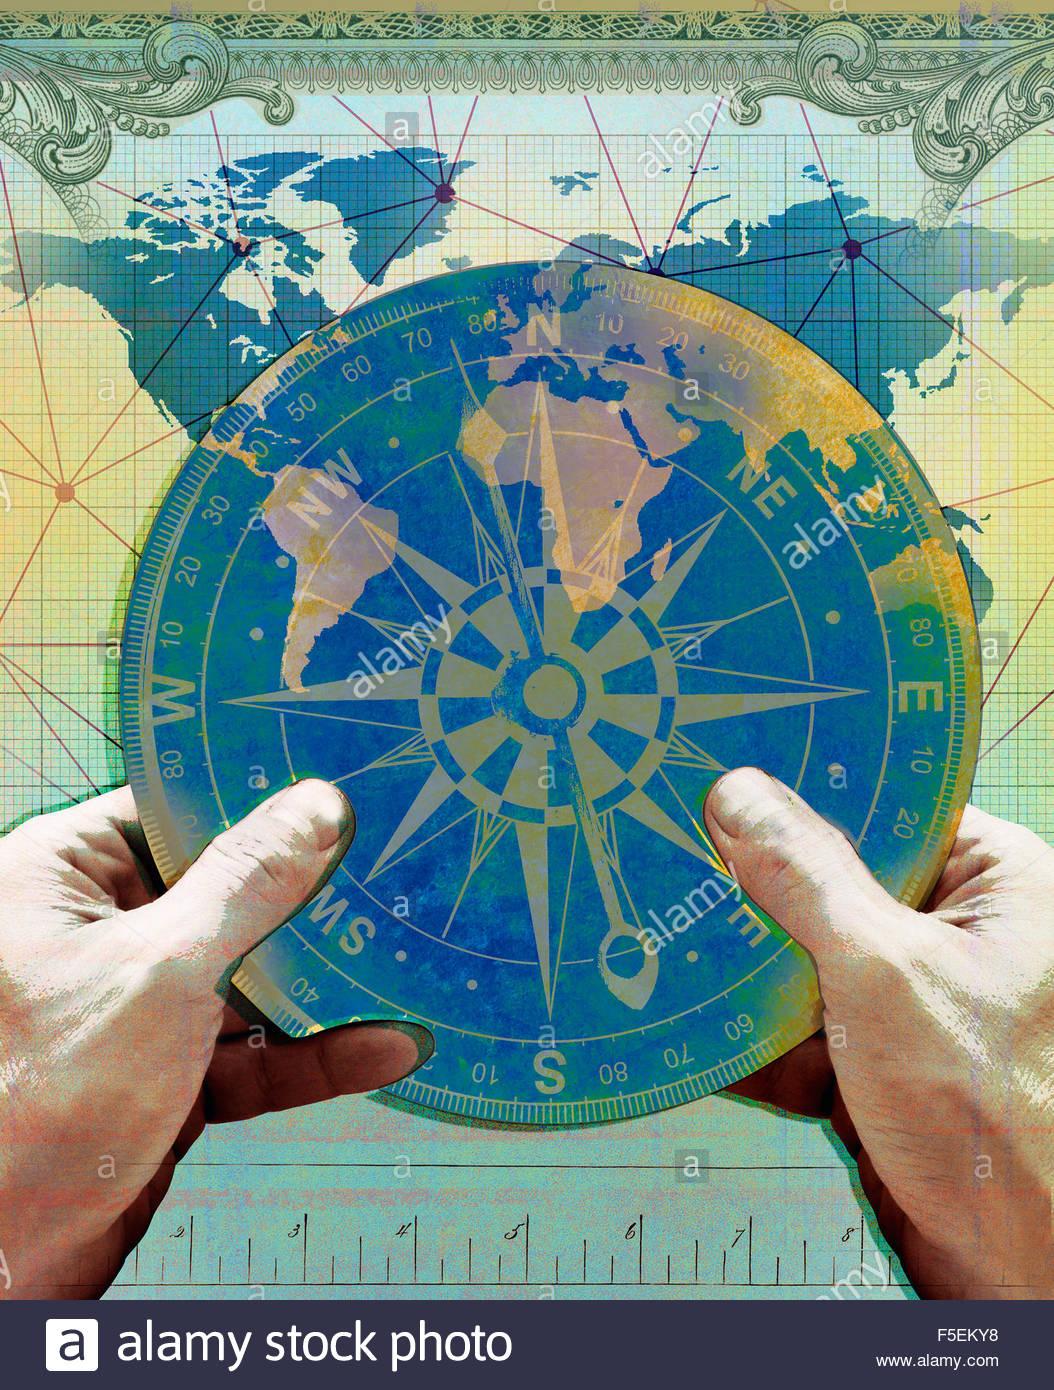 Mani bussola di navigazione su grafico della mappa del mondo Immagini Stock